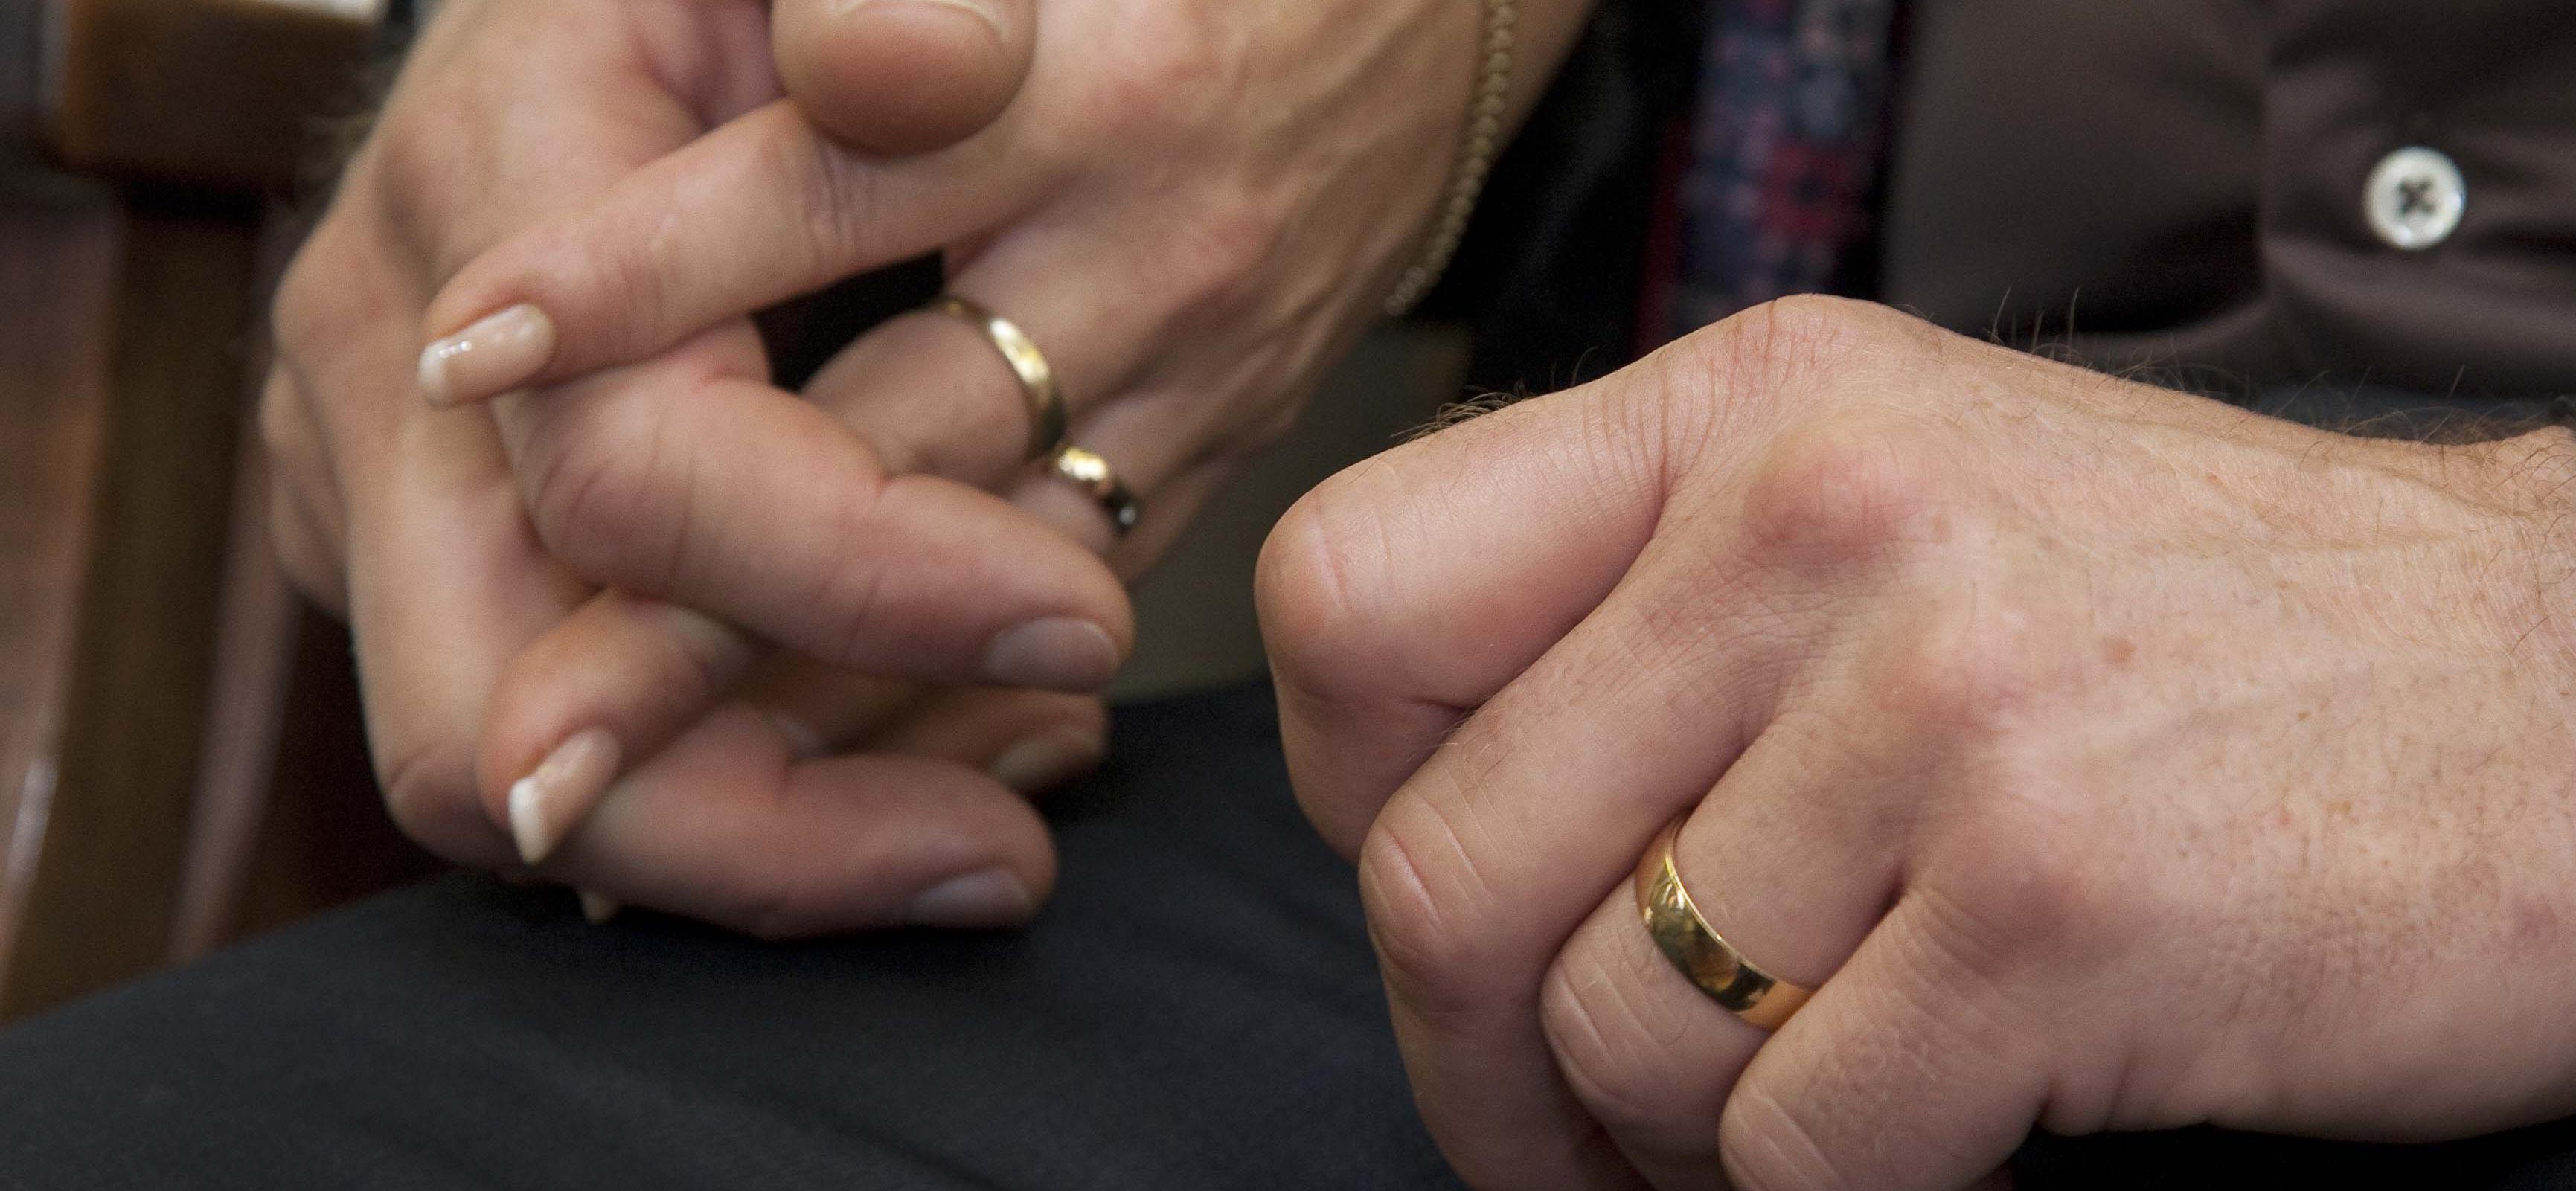 Fijnlanders getrouwd